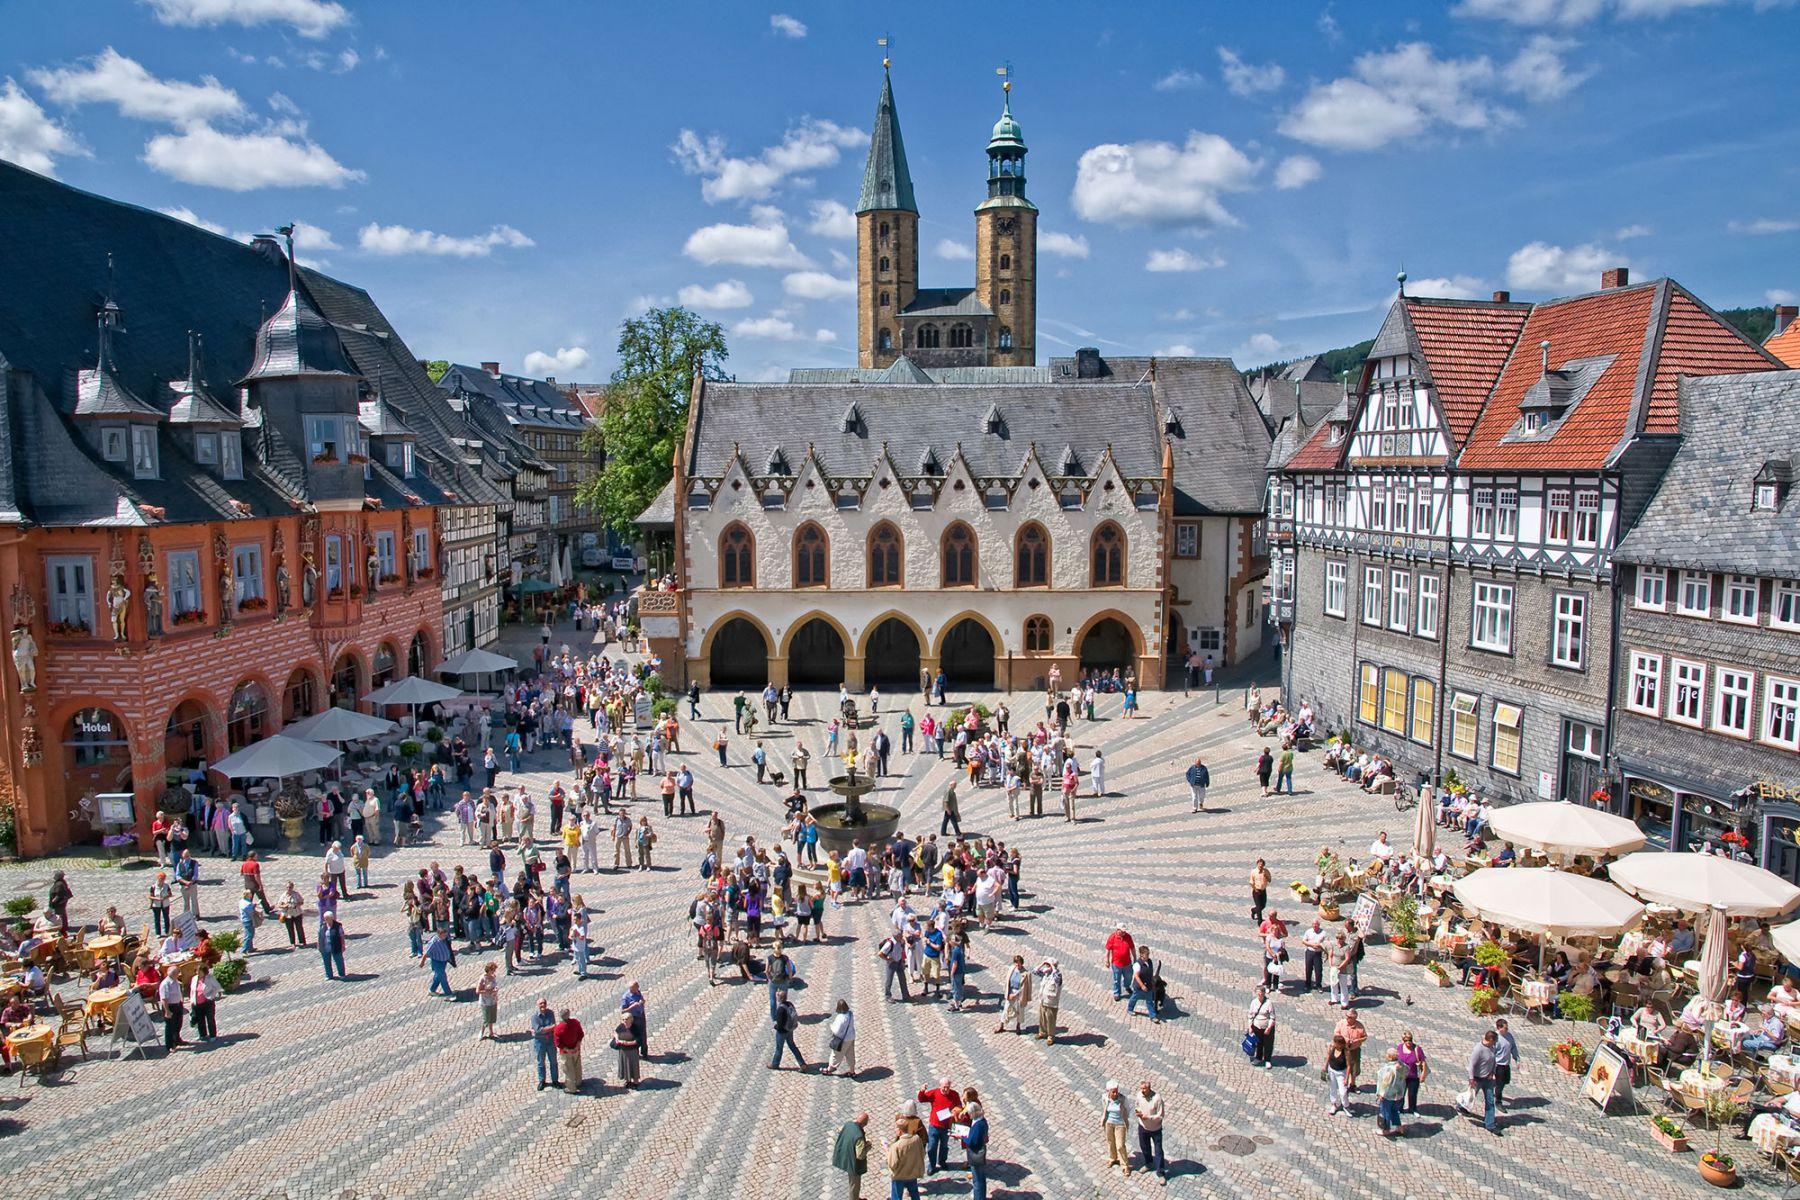 Historische binnenstad van Goslar   Credit: GOSLAR marketing gmbh - Fotograf Stefan Schiefer